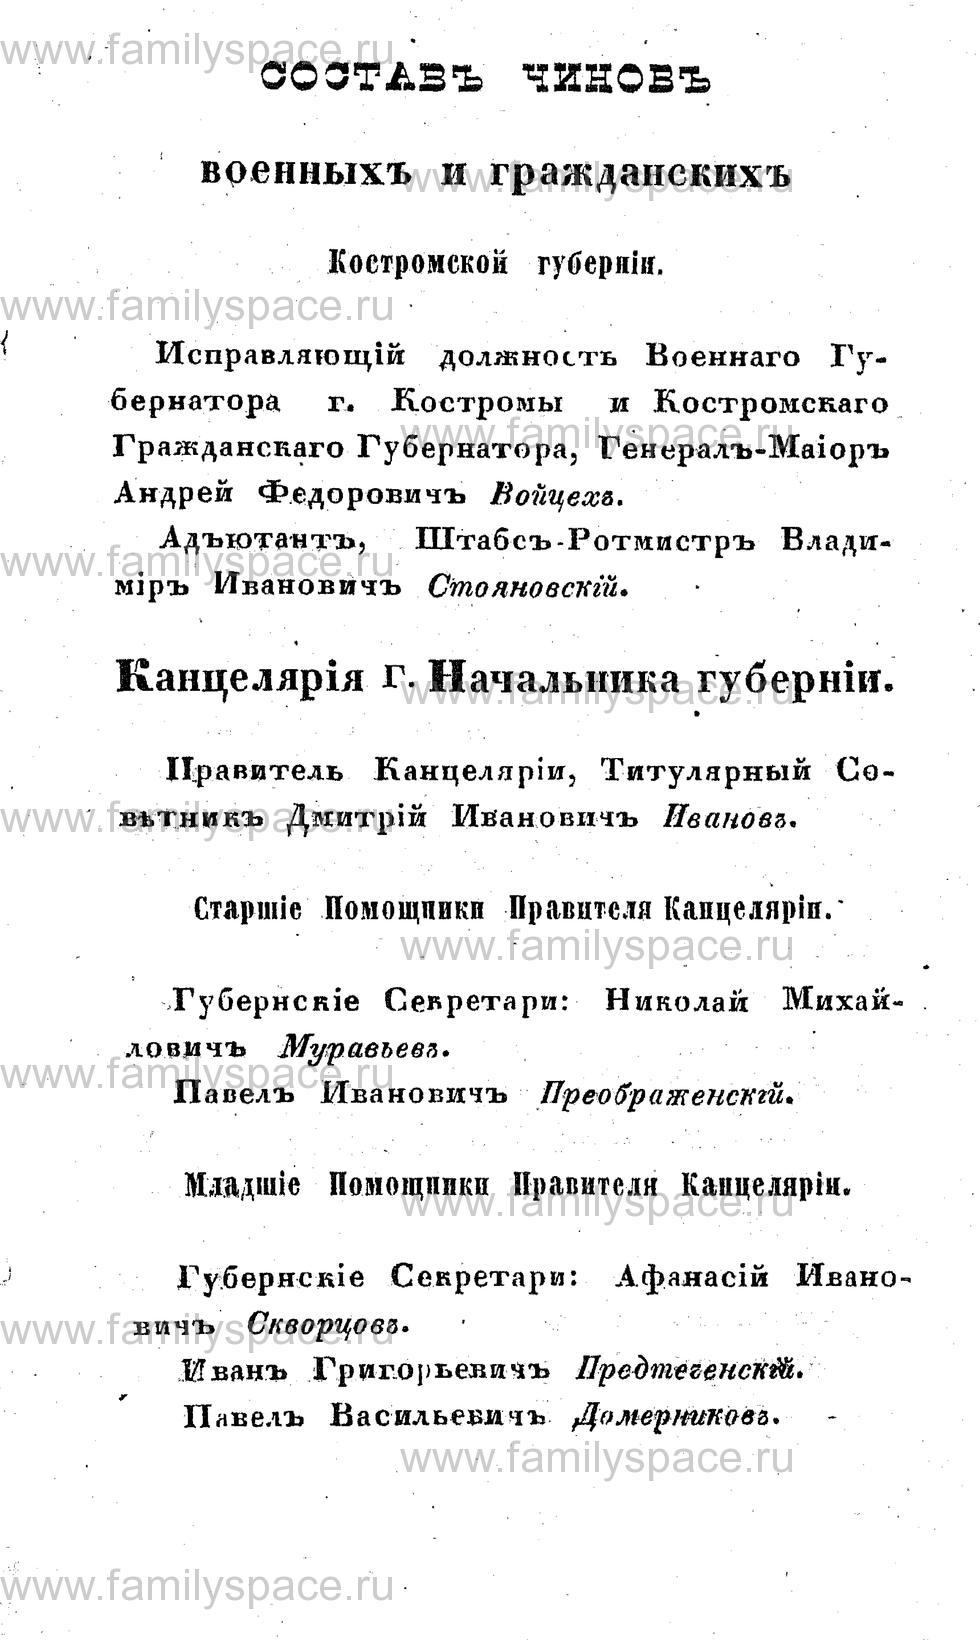 Поиск по фамилии - Памятная книжка Костромской губернии на 1854 год, страница 1